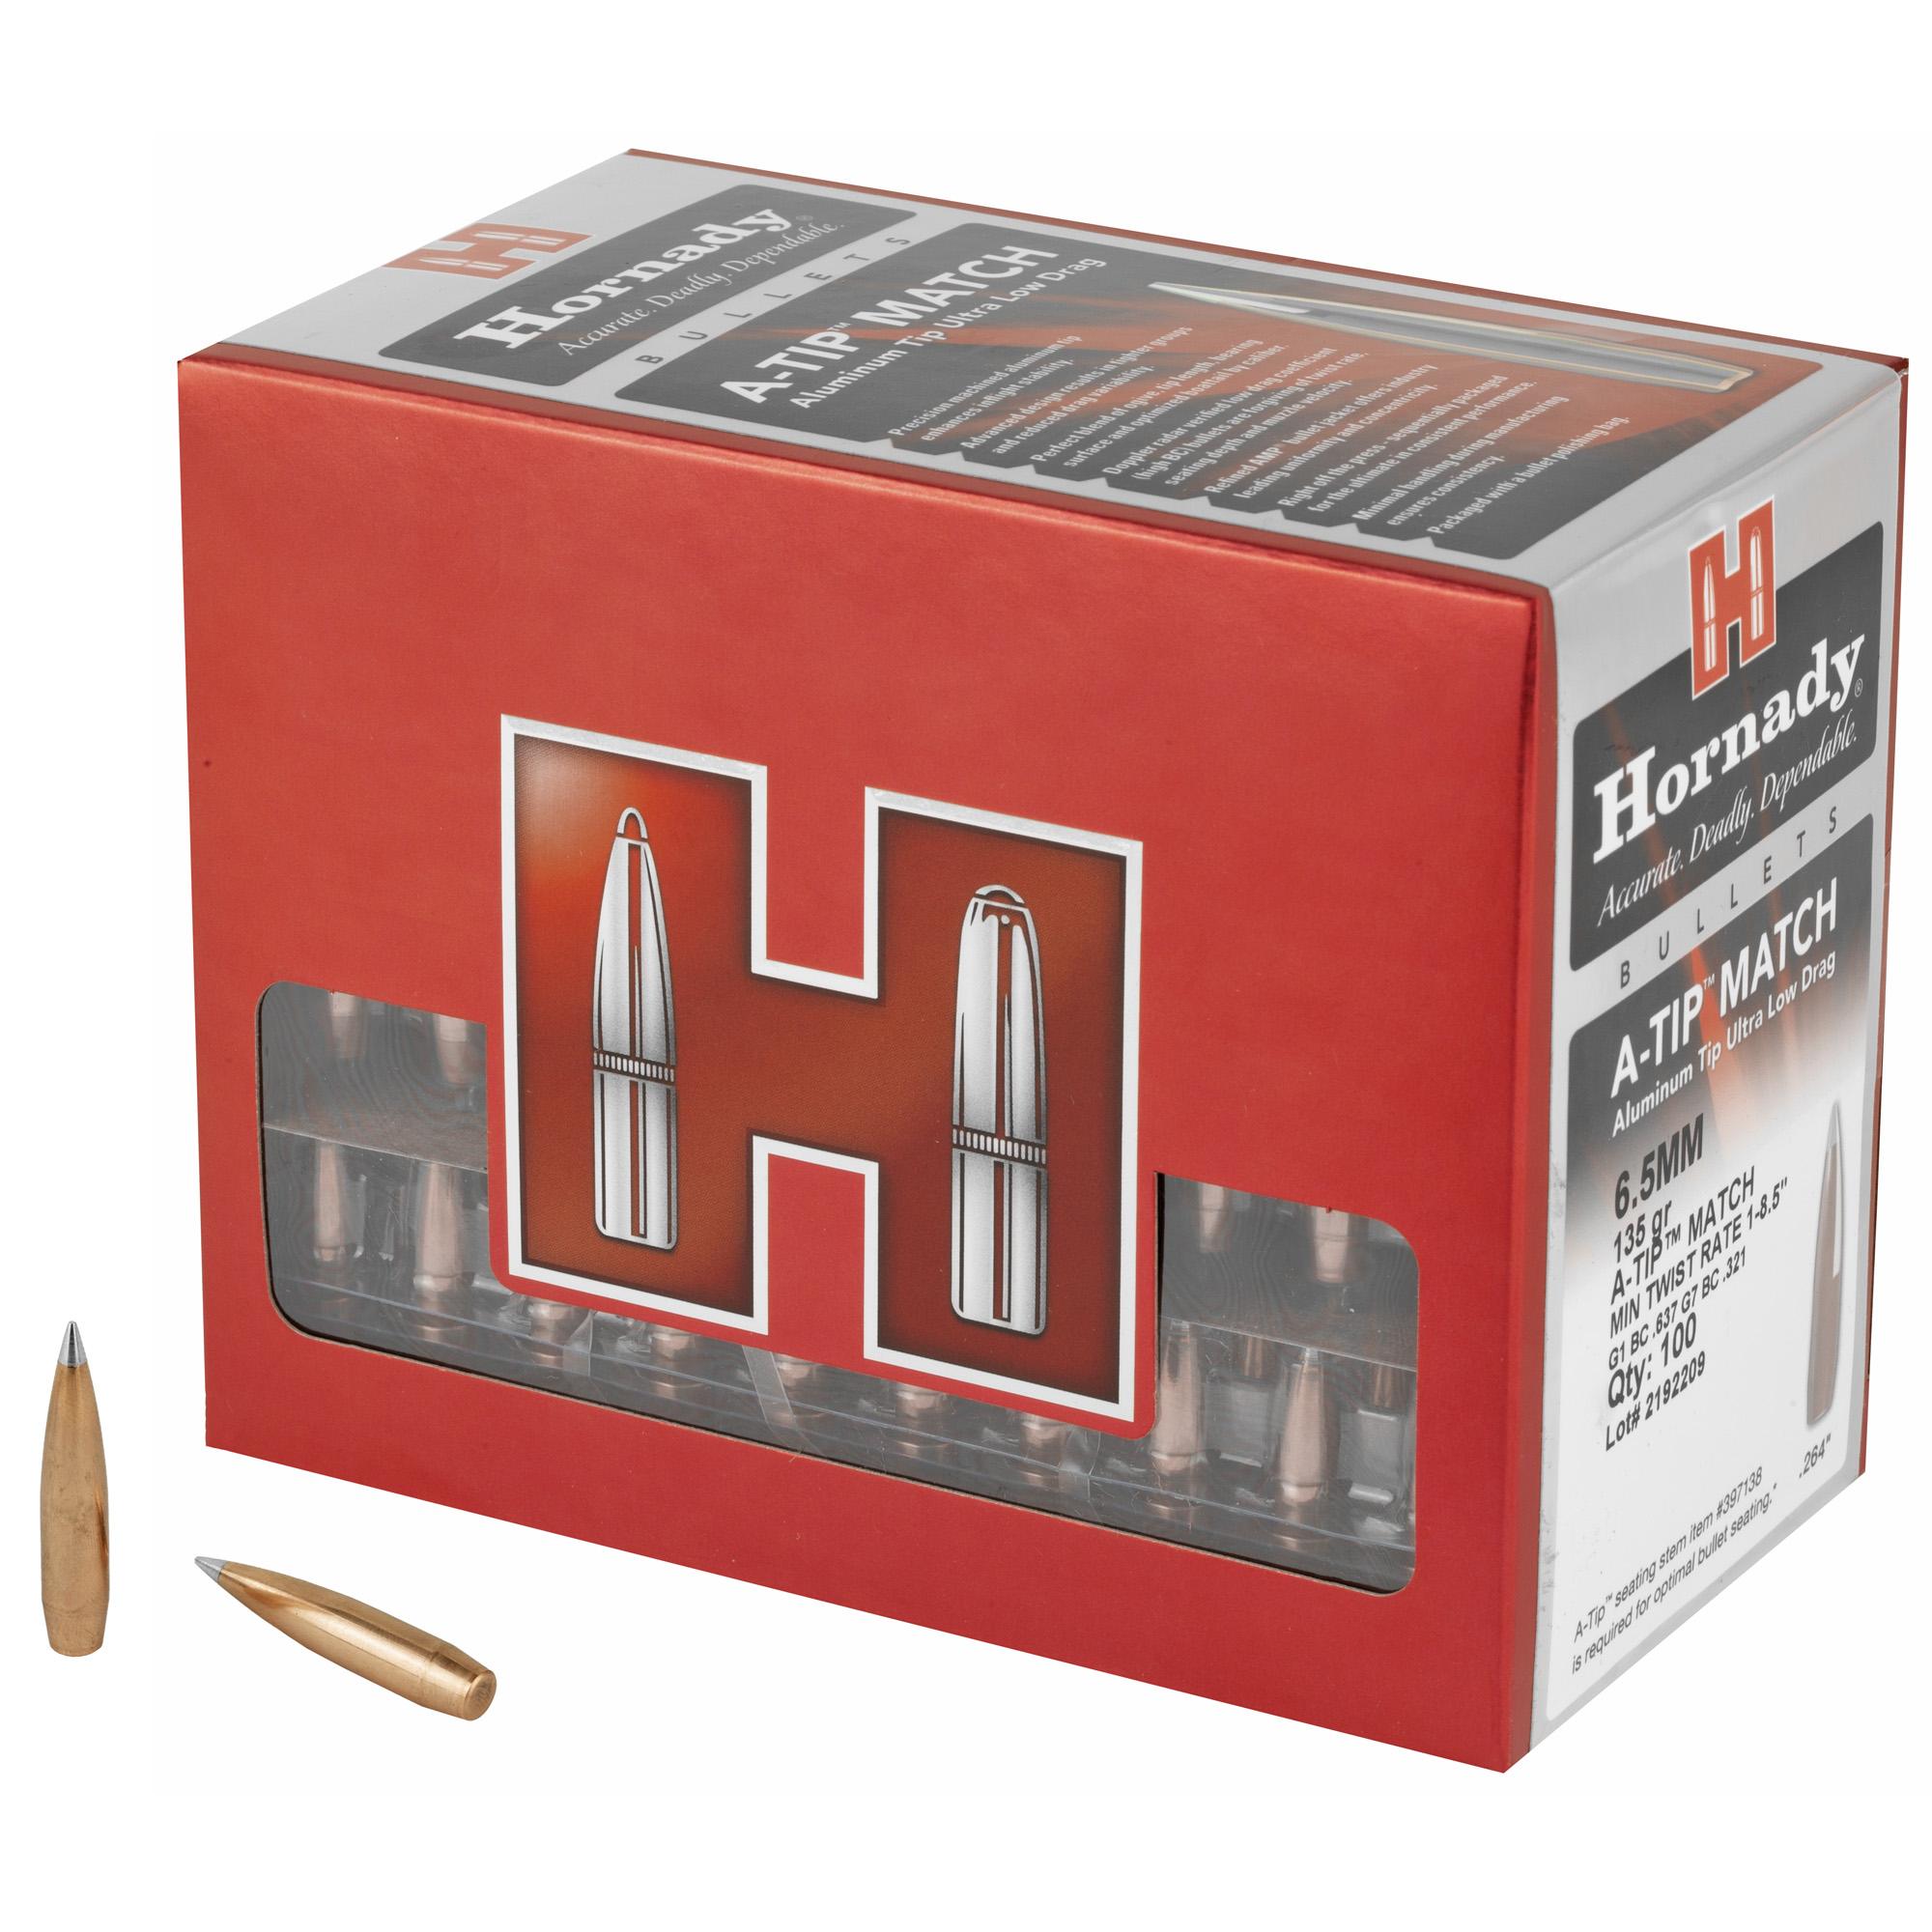 Hrndy A-tip 6.5mm .264 135gr 100ct